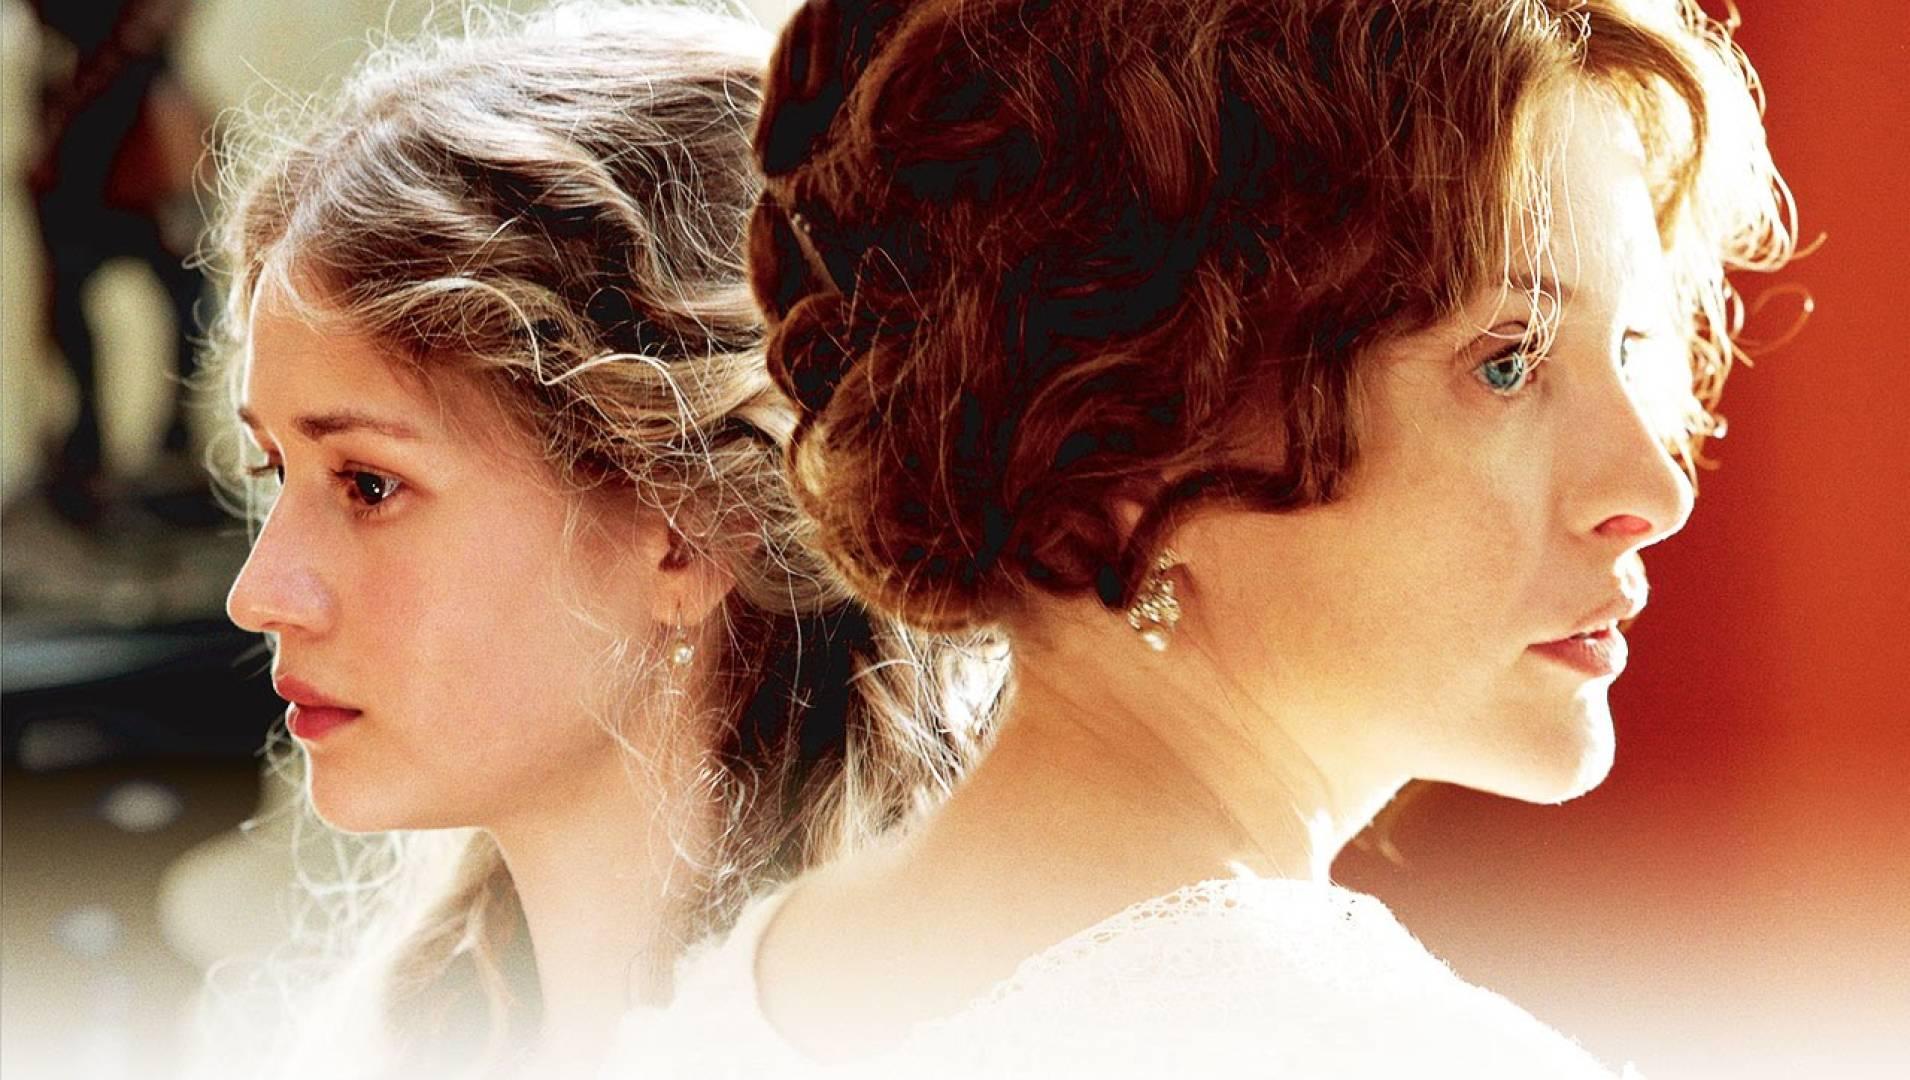 Две женщины - Драма, Фильм